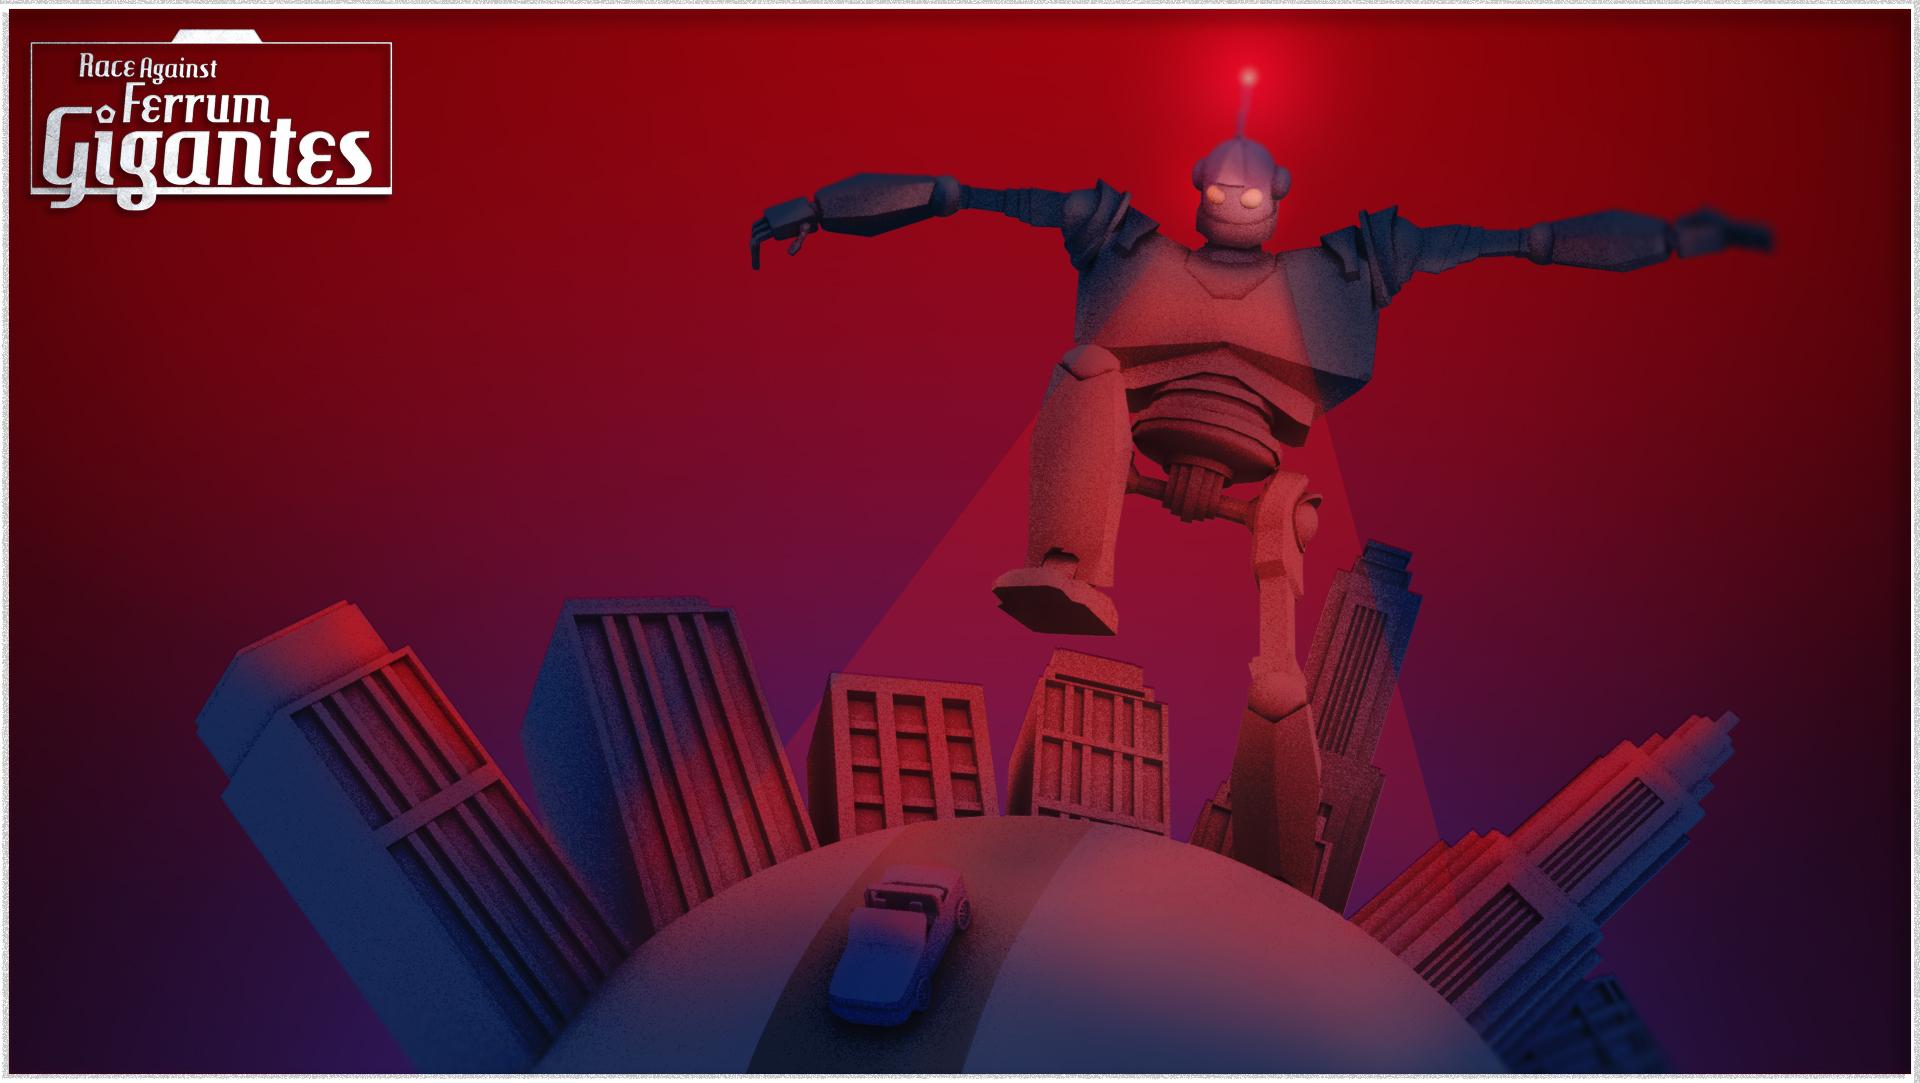 Ludum Dare 38- Race against ferrem gigantes